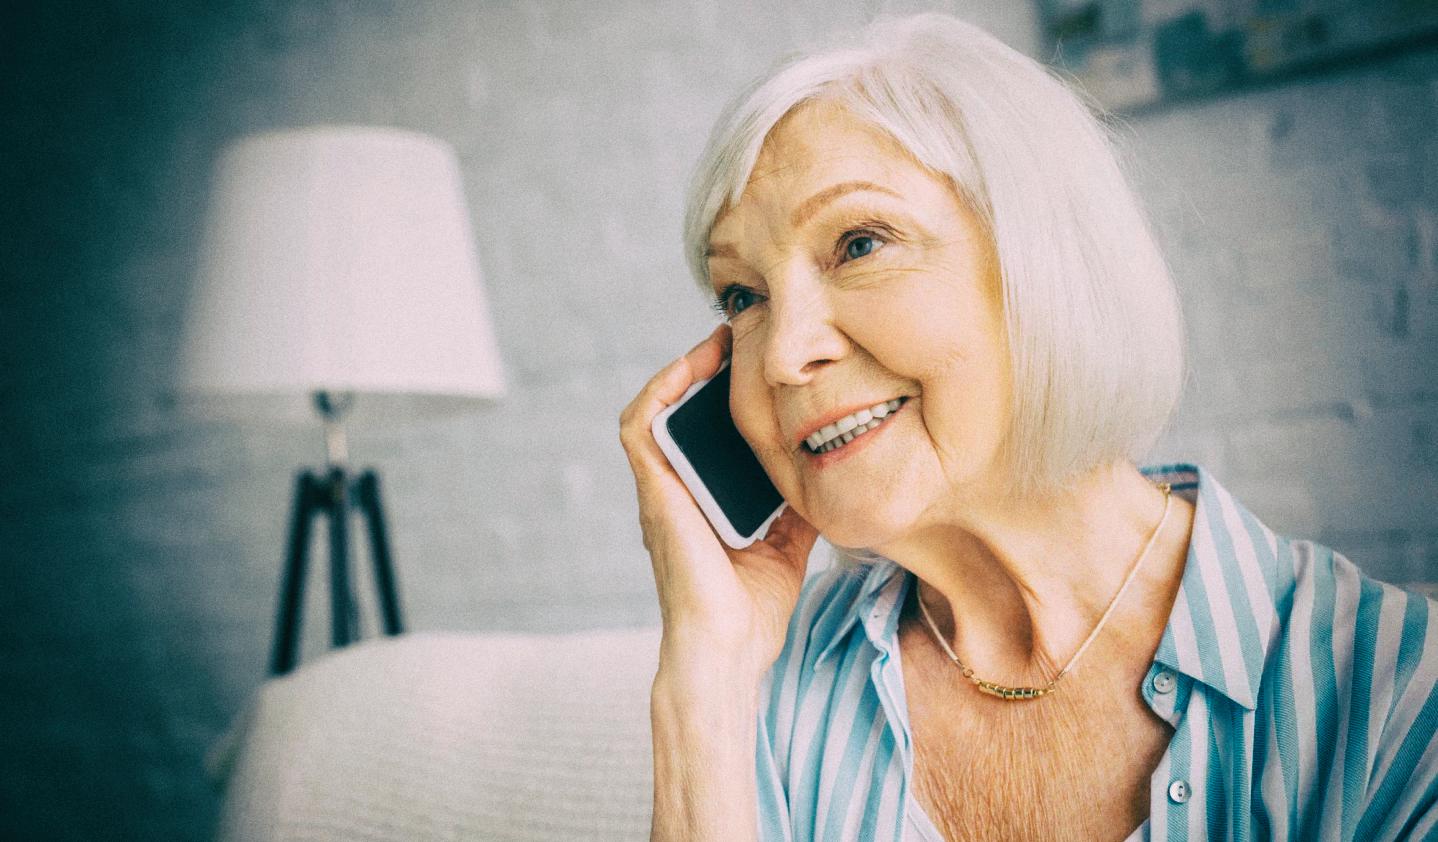 Мобильное приложение по голосу выявляет проблемы с сердцем